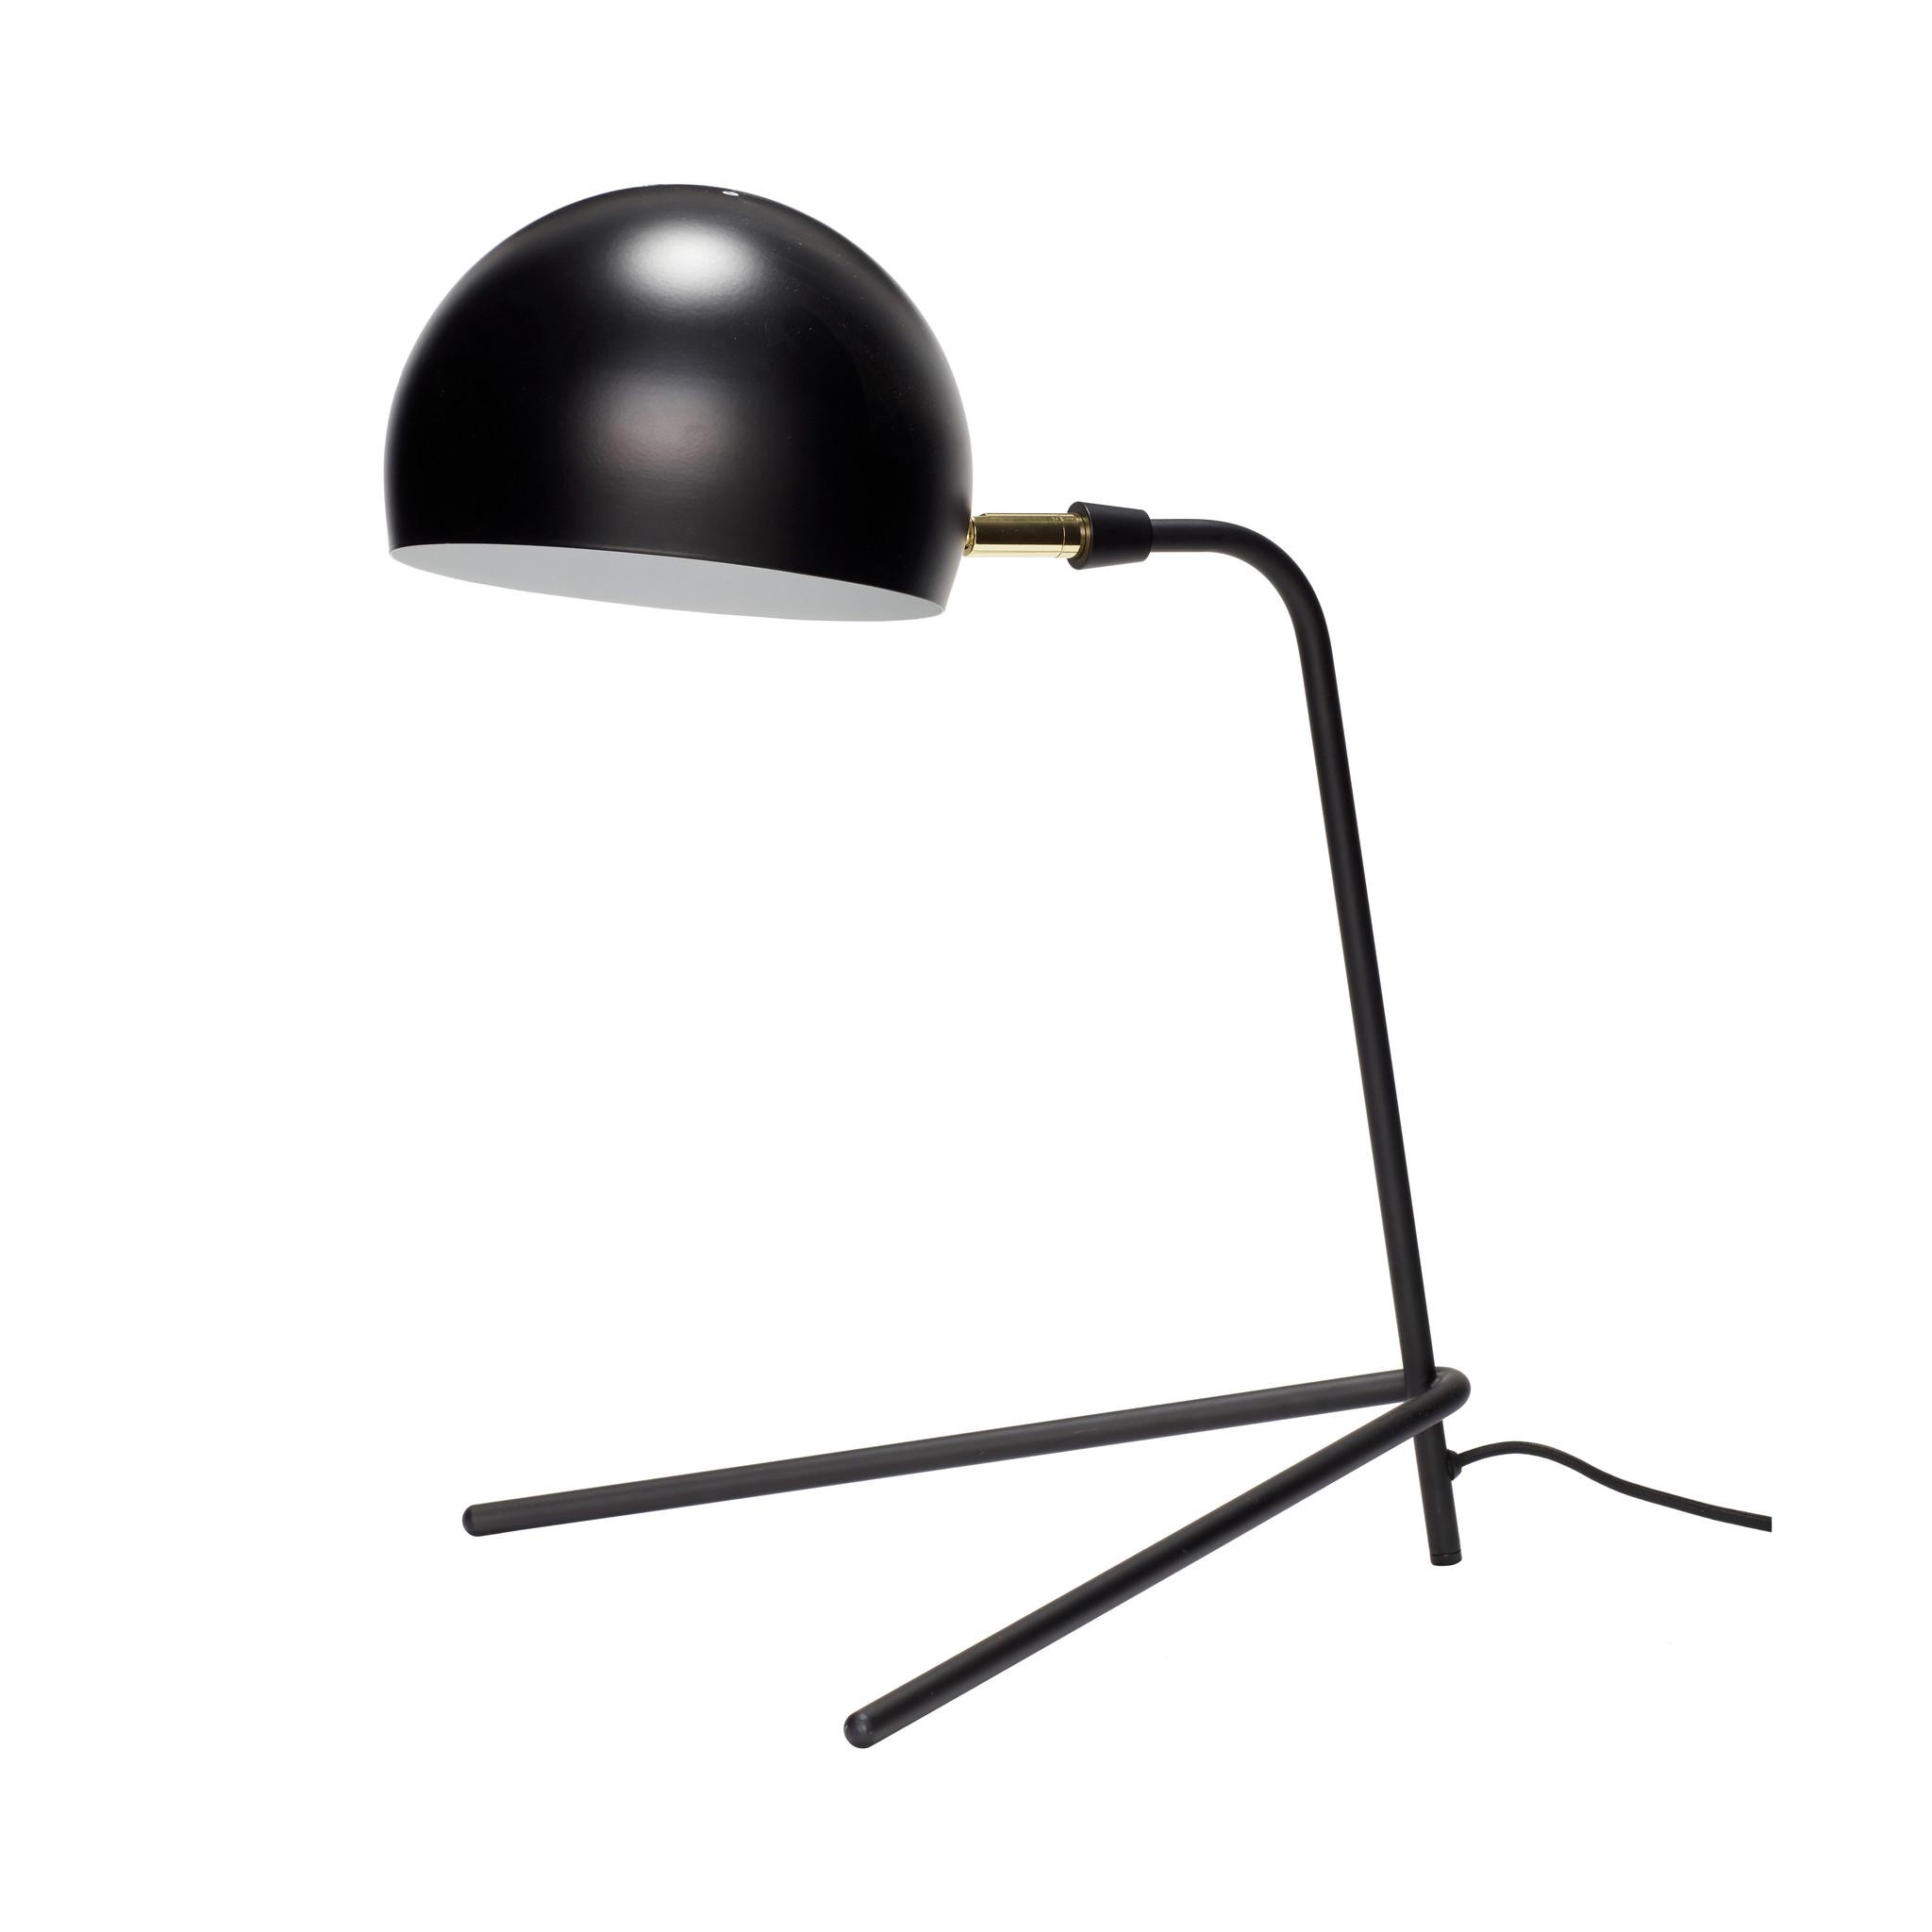 Hubsch Tafellamp, metaal, zwart-370410-5712772058695